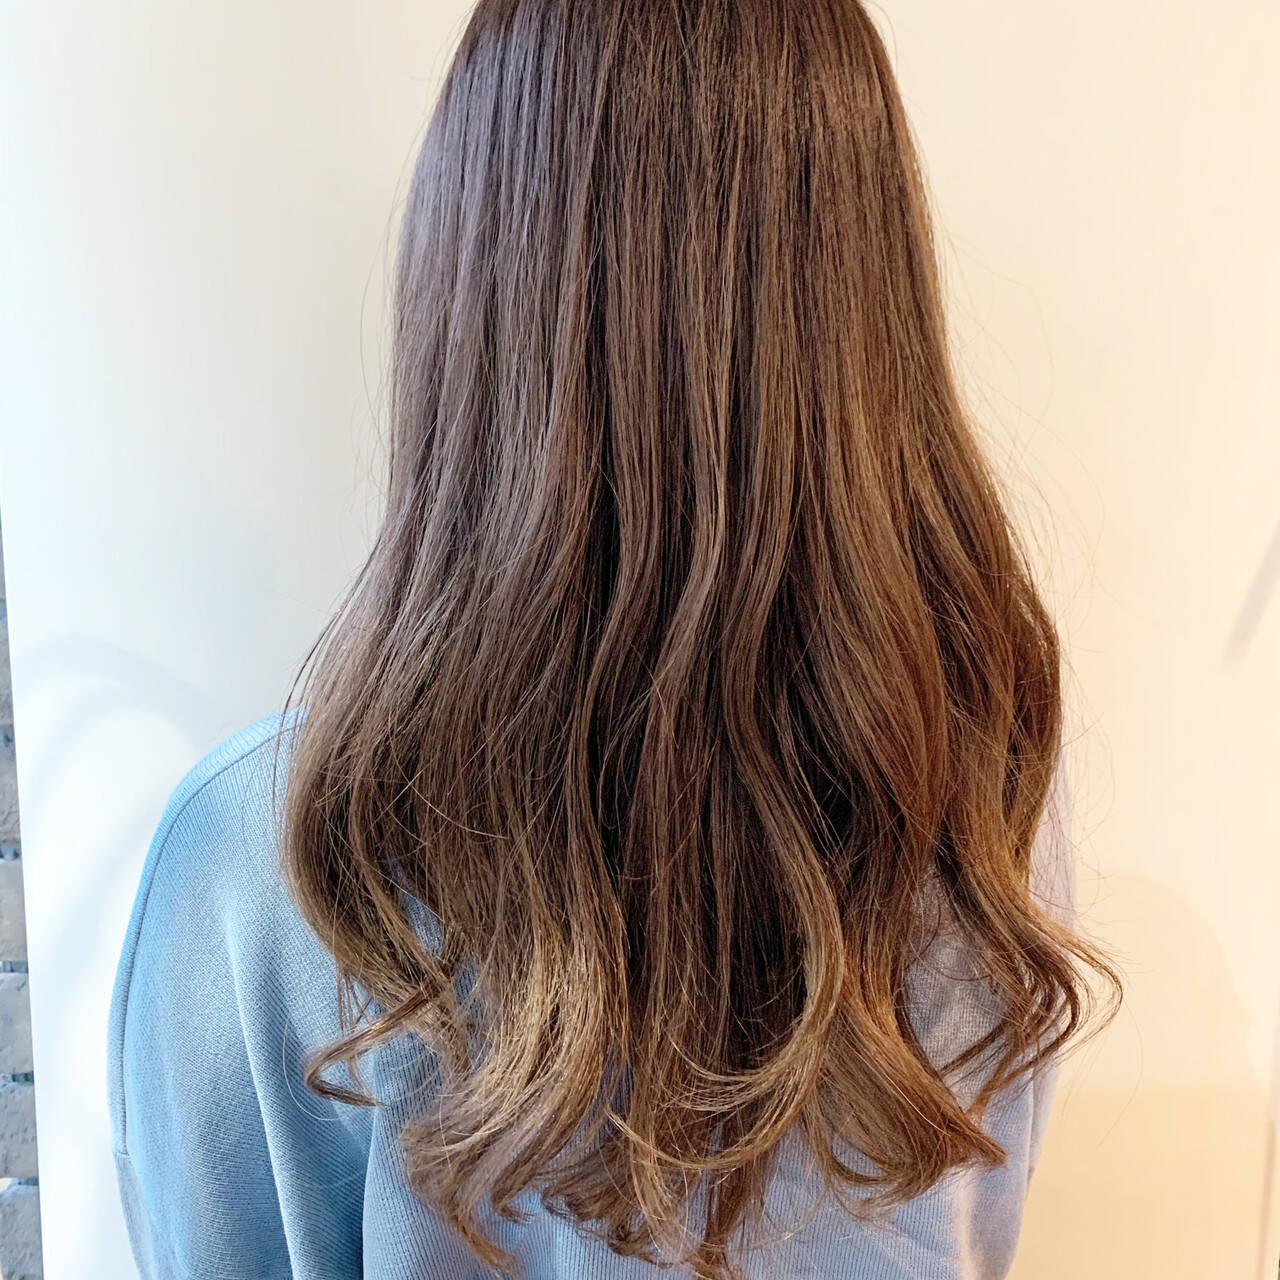 セミロング パープルアッシュ ラベンダーアッシュ ラベンダーグレージュヘアスタイルや髪型の写真・画像